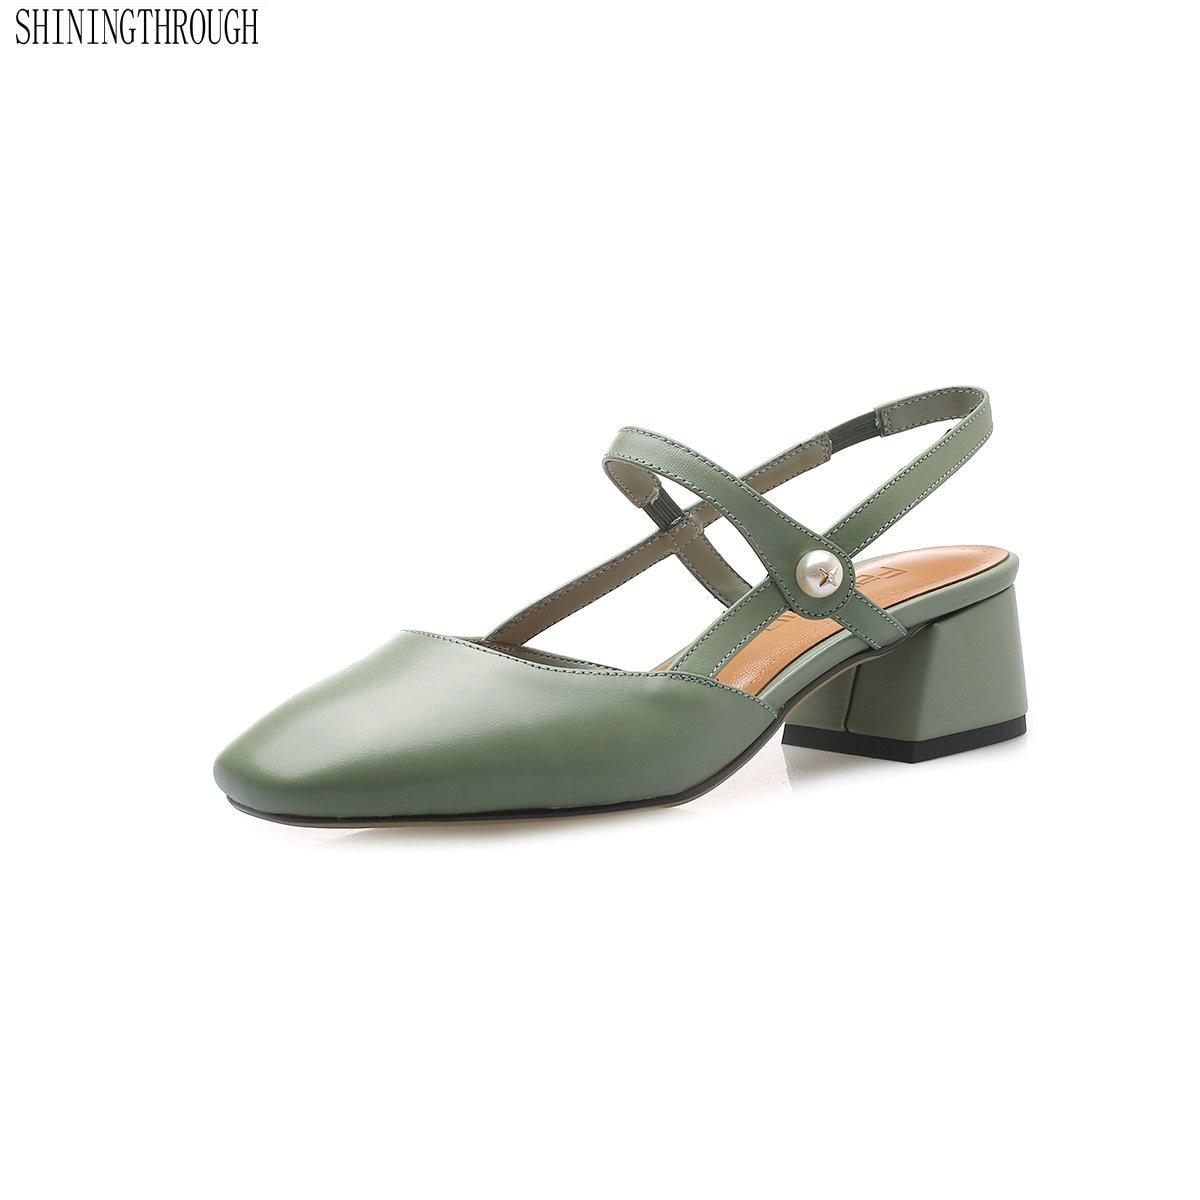 Chaussures en cuir véritable femme 4 cm med talons sandales femme bureau dames robe chaussures d'été femmes pompes taille 41 42 43